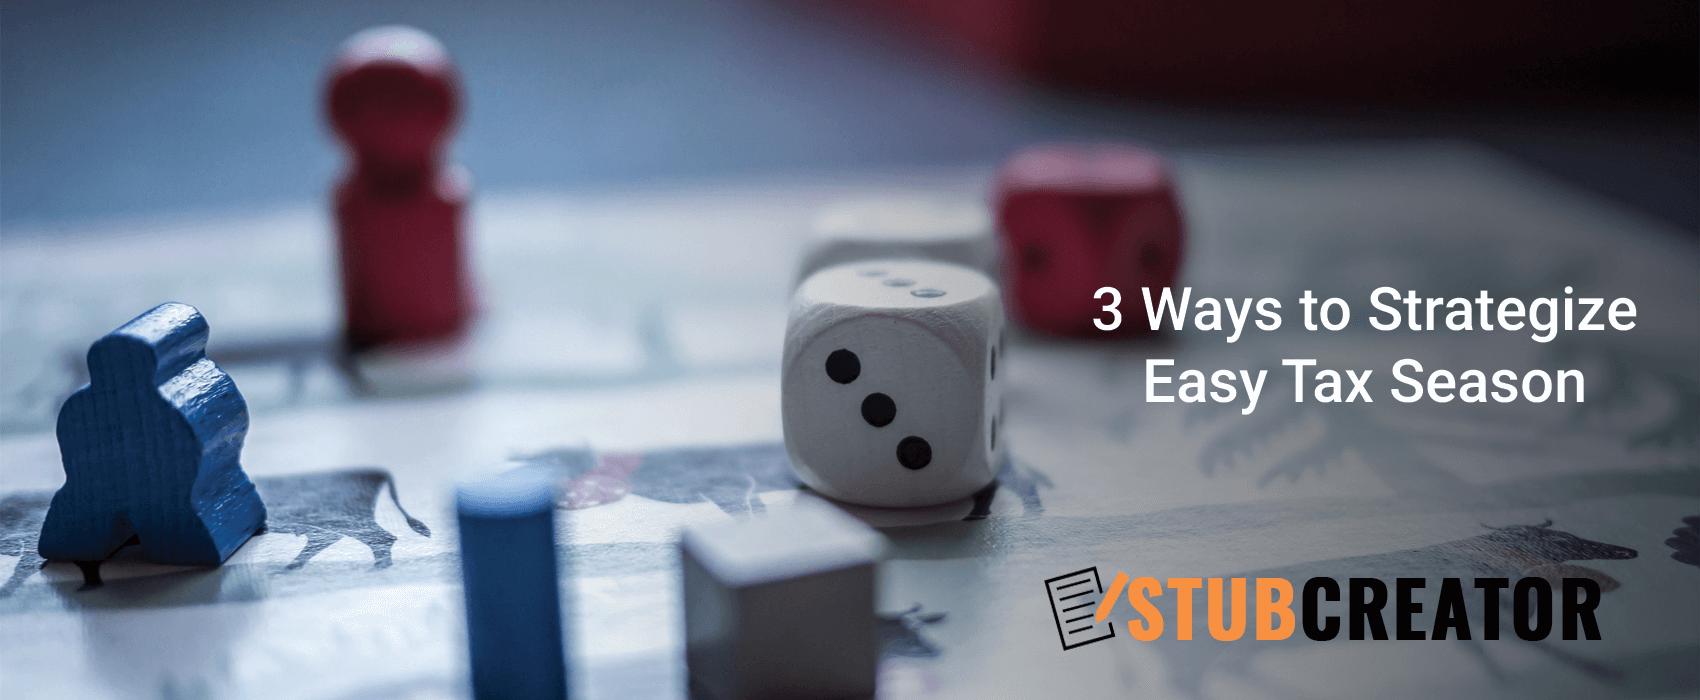 3 Ways to strategize easy Tax Season